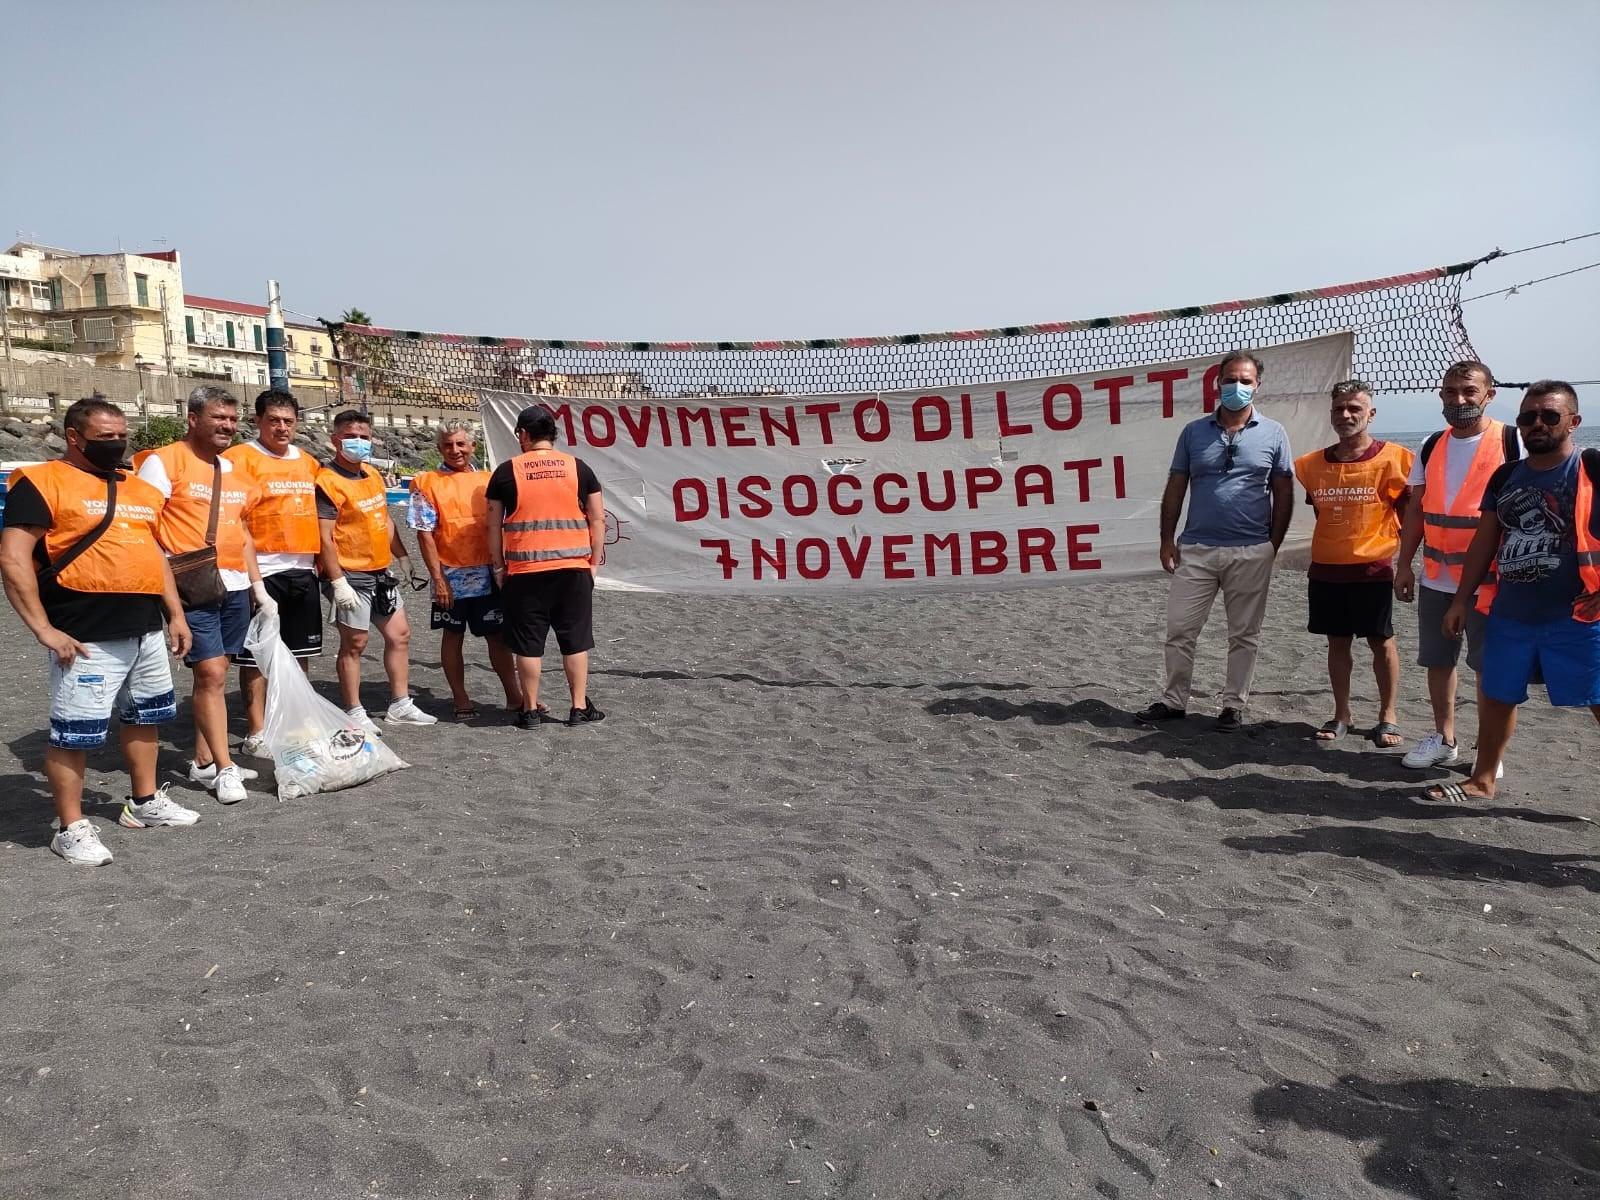 Napoli, Bassolino e Maresca sostengono lo sciopero a rovescio dei disoccupati